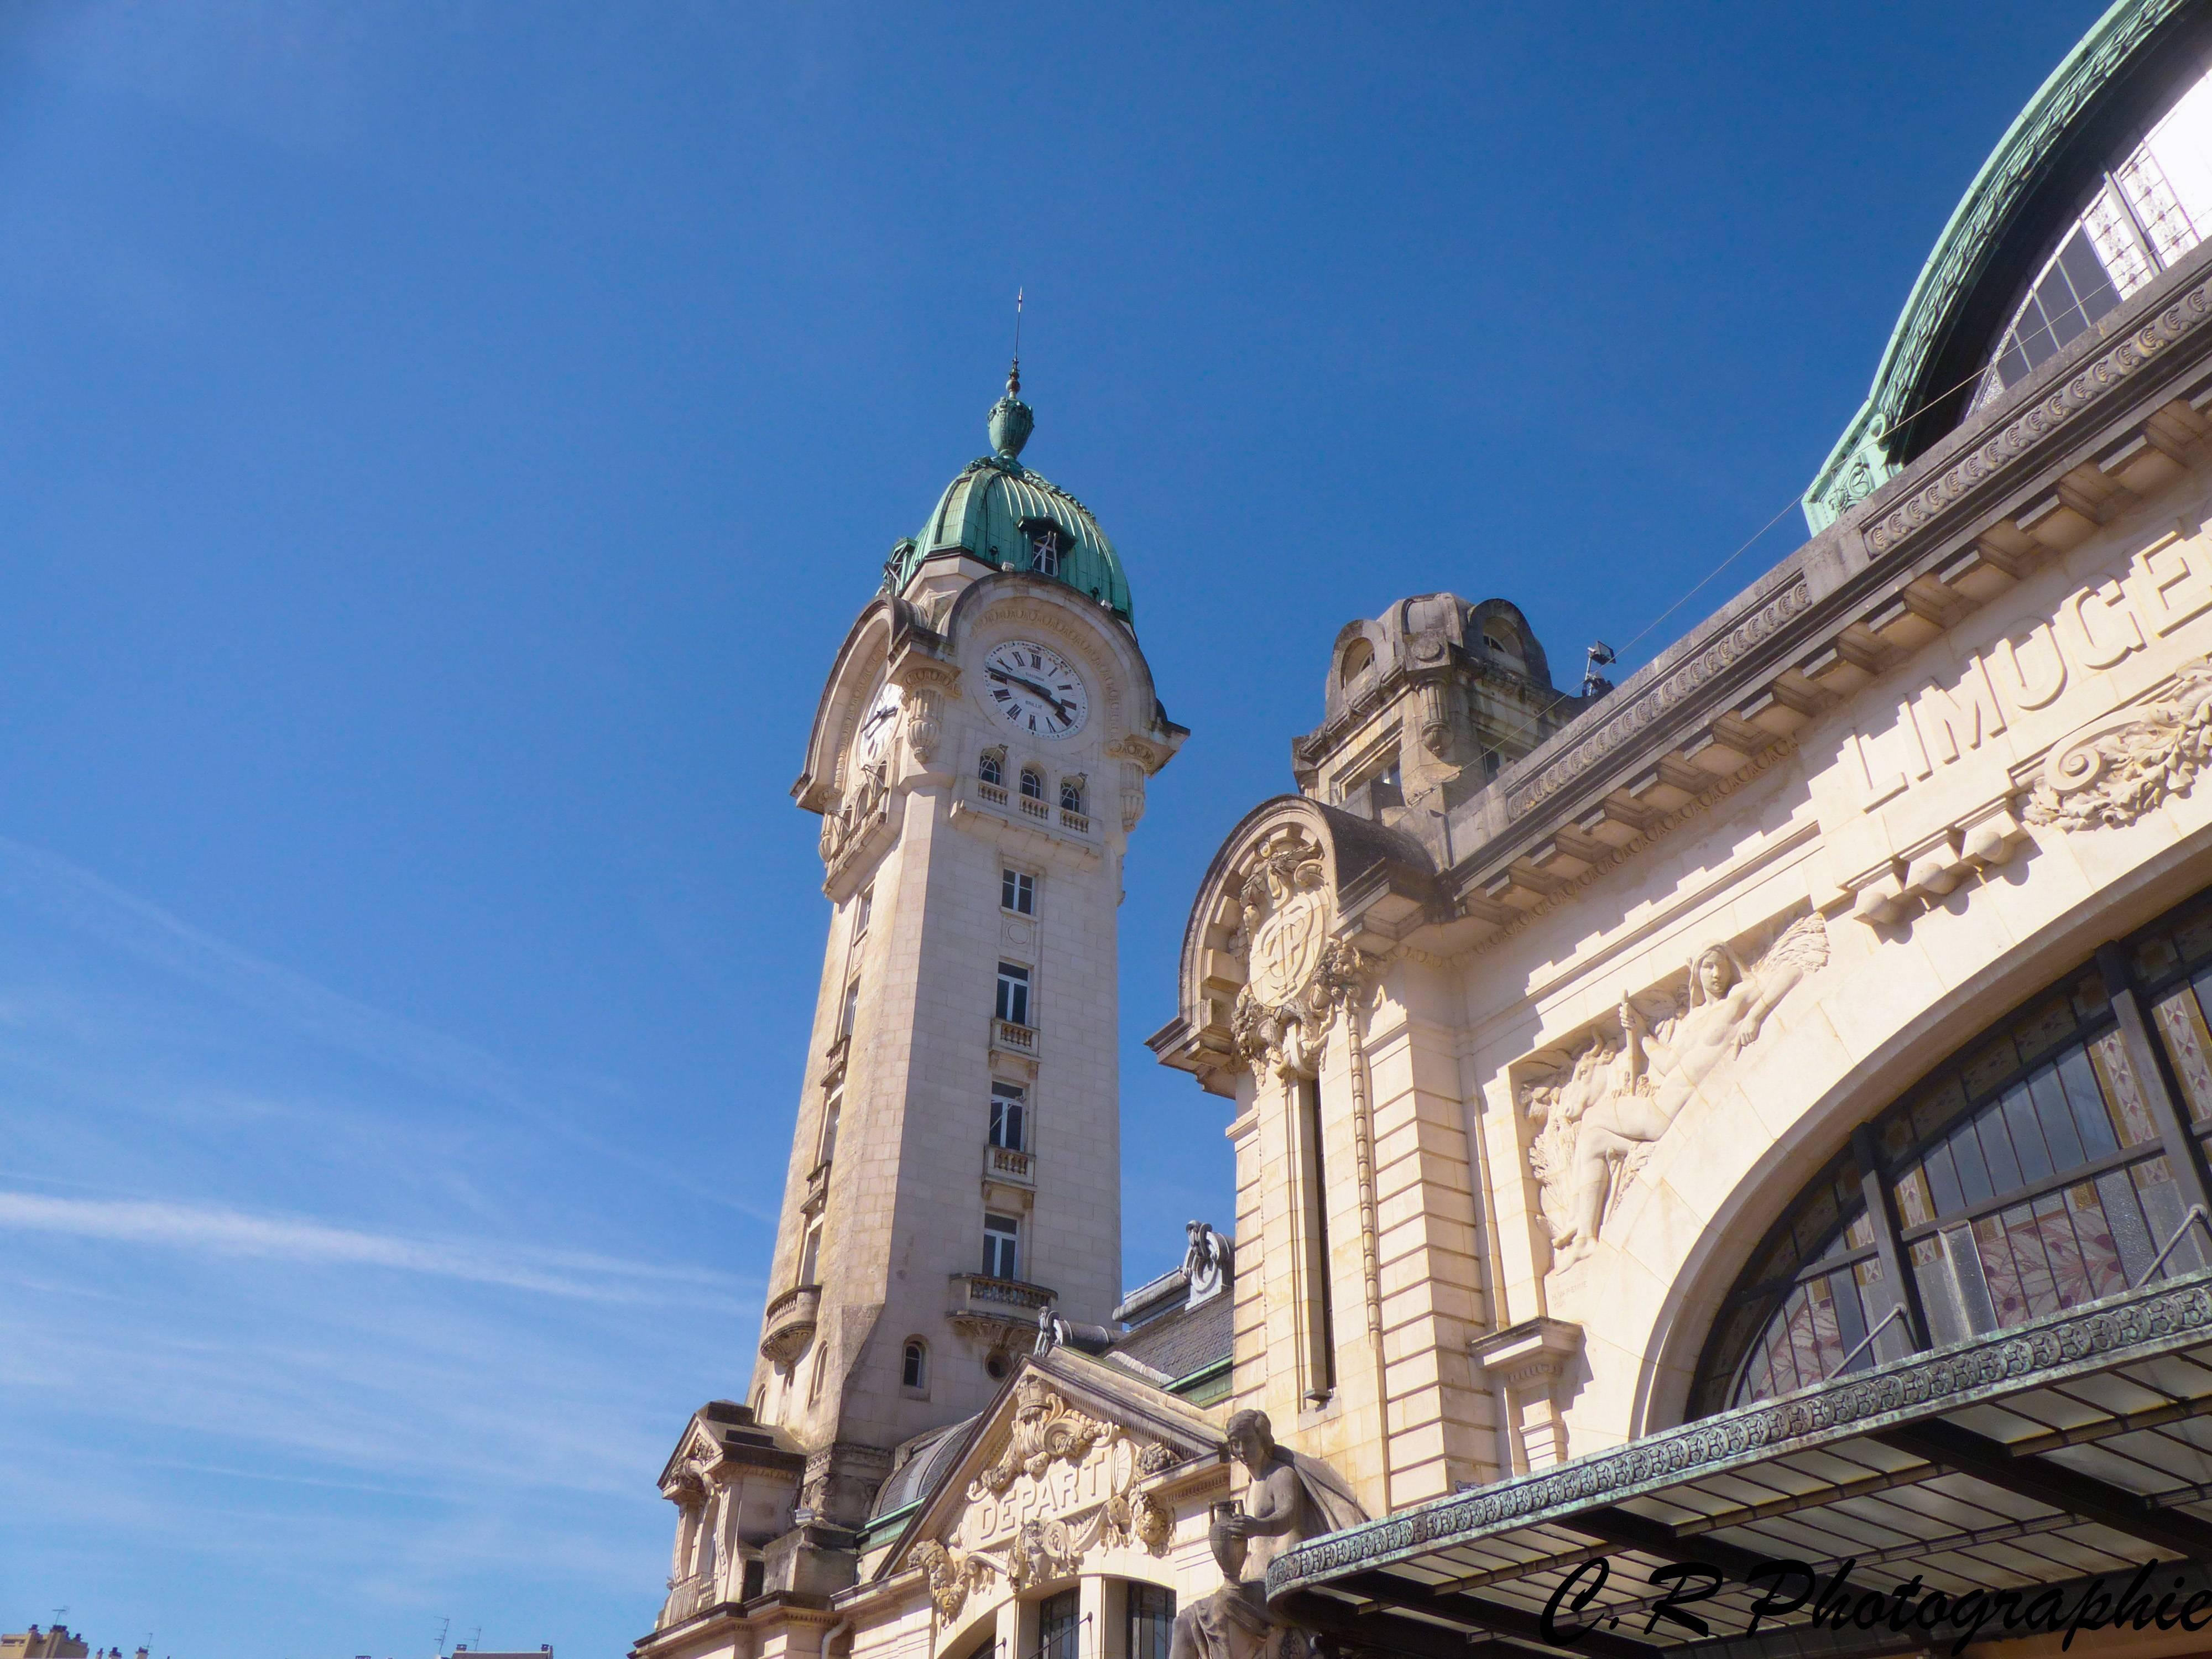 Photo 3: Gare Limoges-Bénédictins, de toute beauté